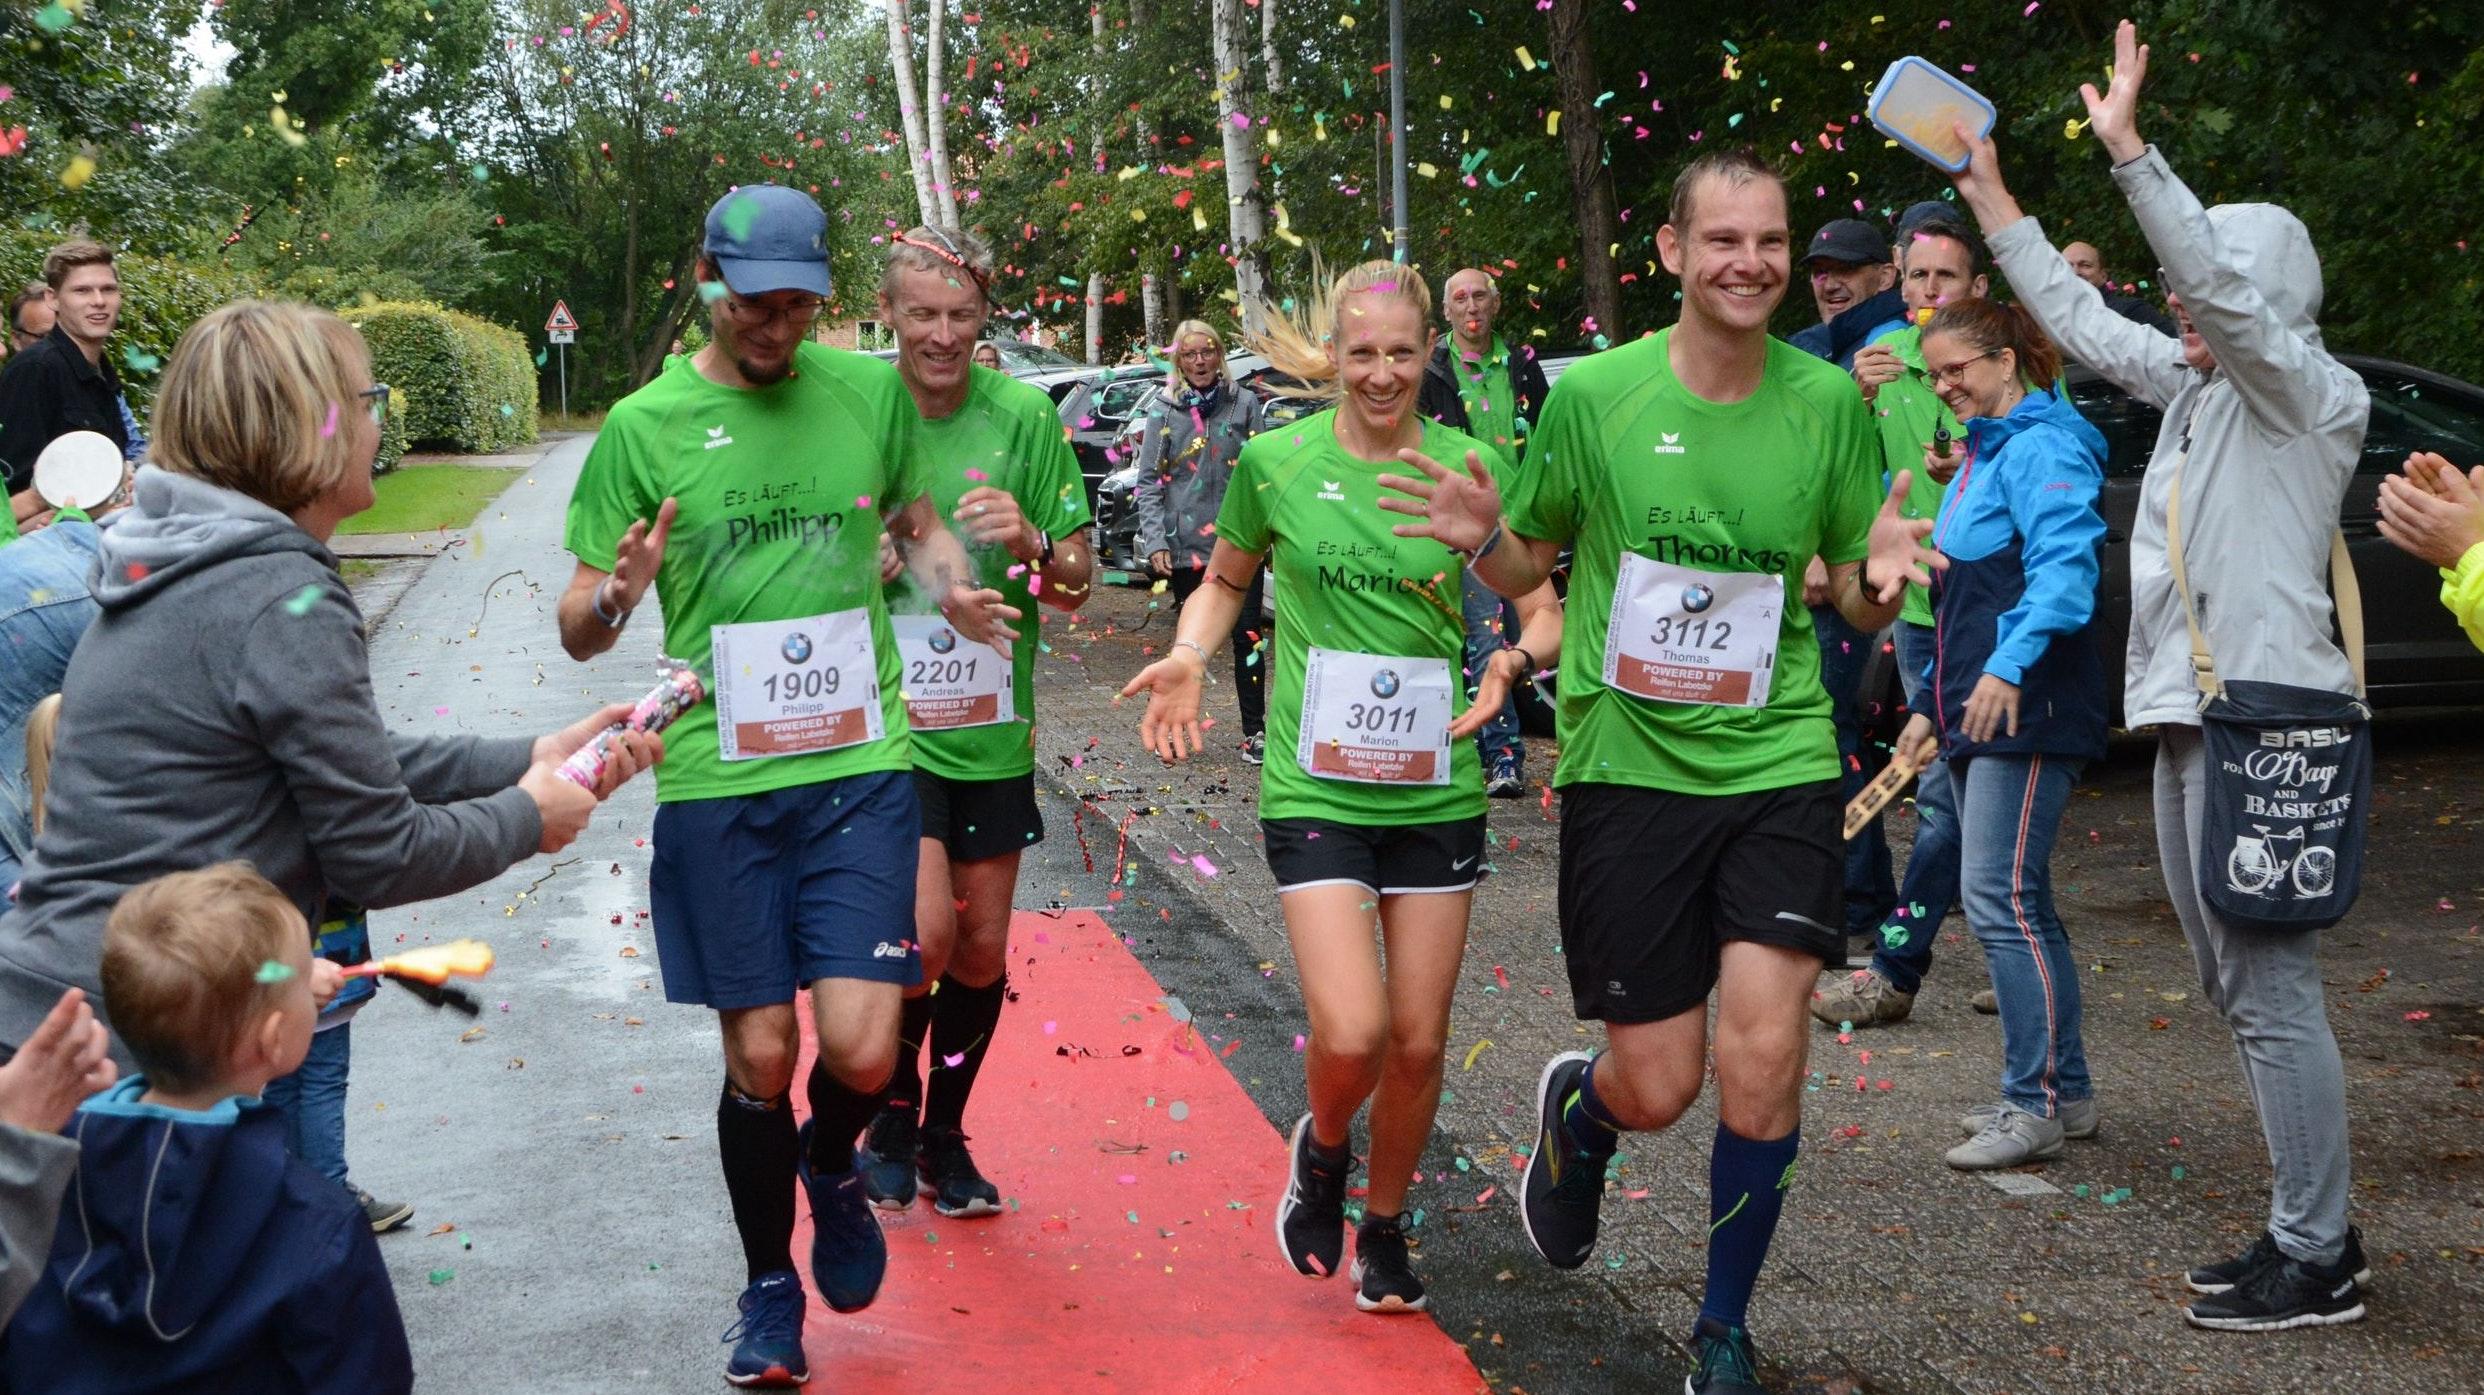 Zieleinlauf: Philipp Laux, und Andreas Behrenswerth, Marion Müller und Thomas Mathlage (von links). Foto: Hermes